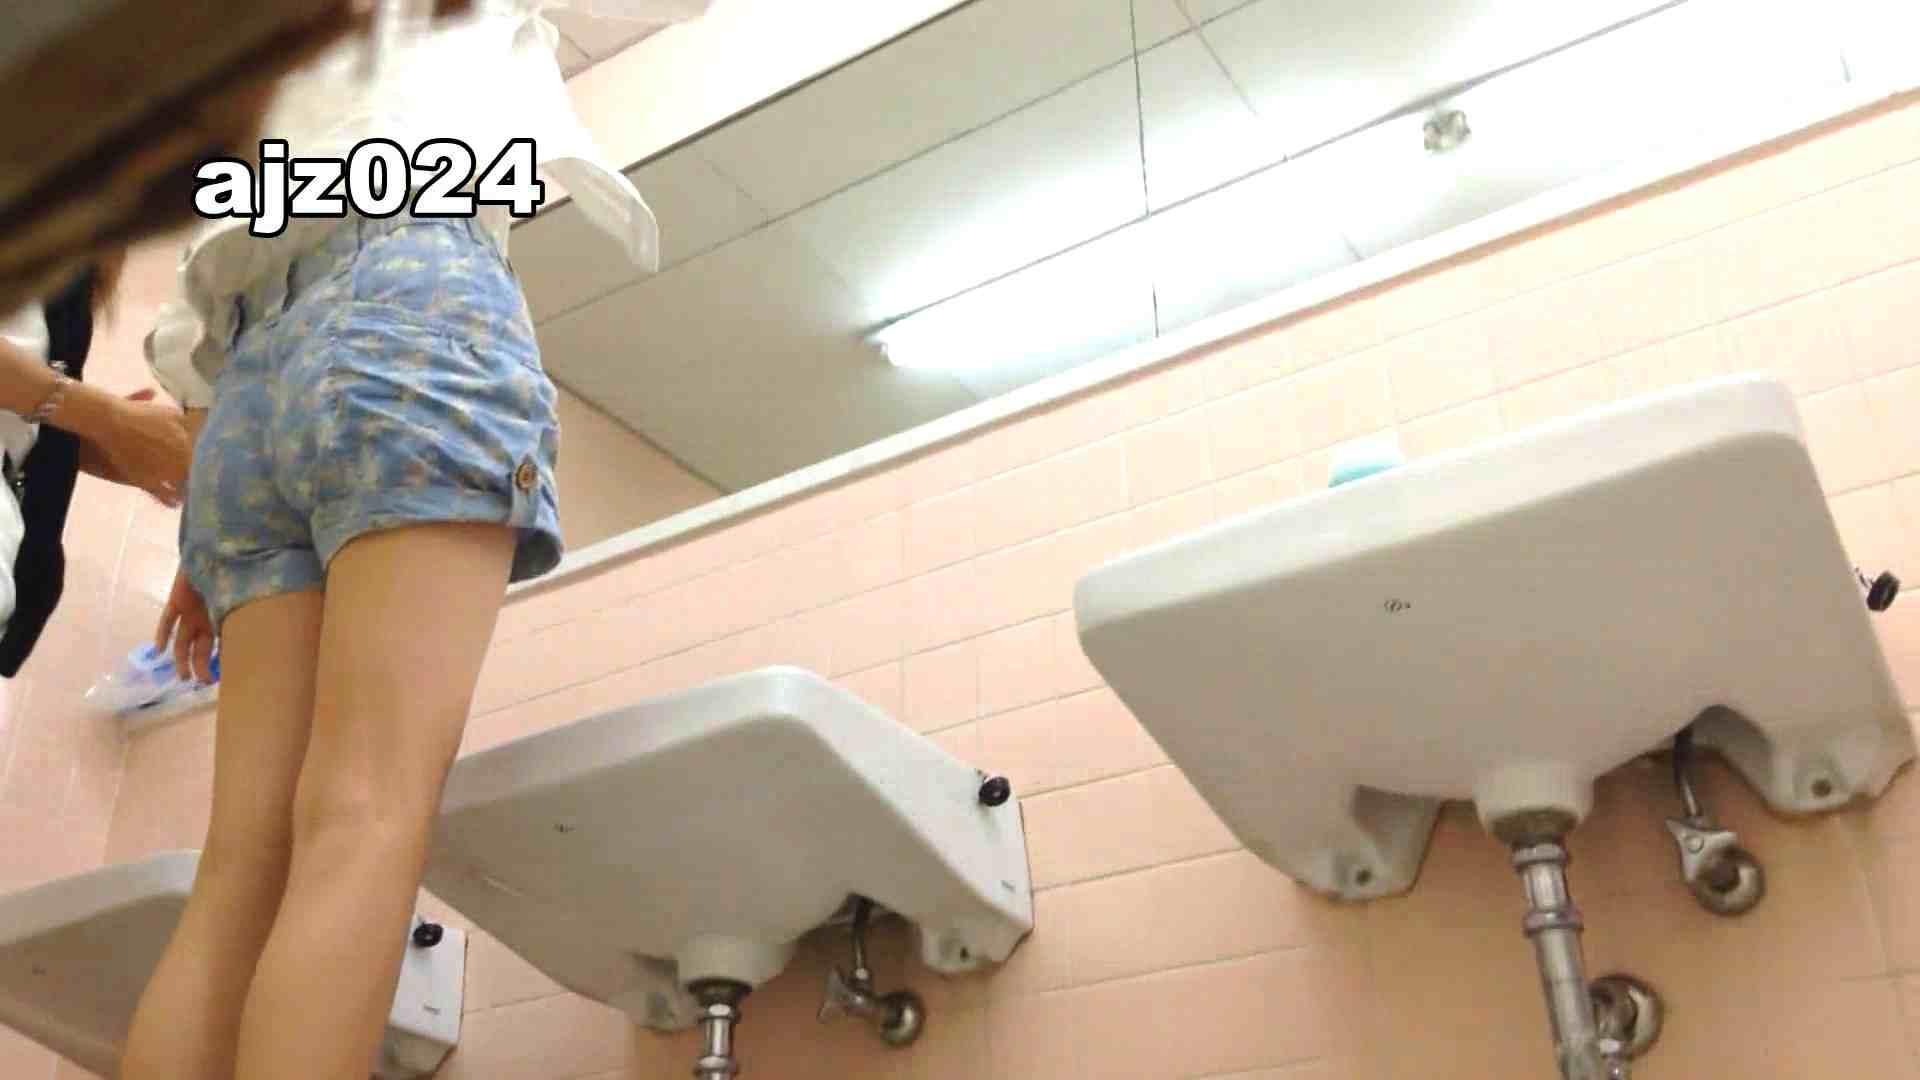 某有名大学女性洗面所 vol.24 和式 隠し撮りすけべAV動画紹介 59画像 59